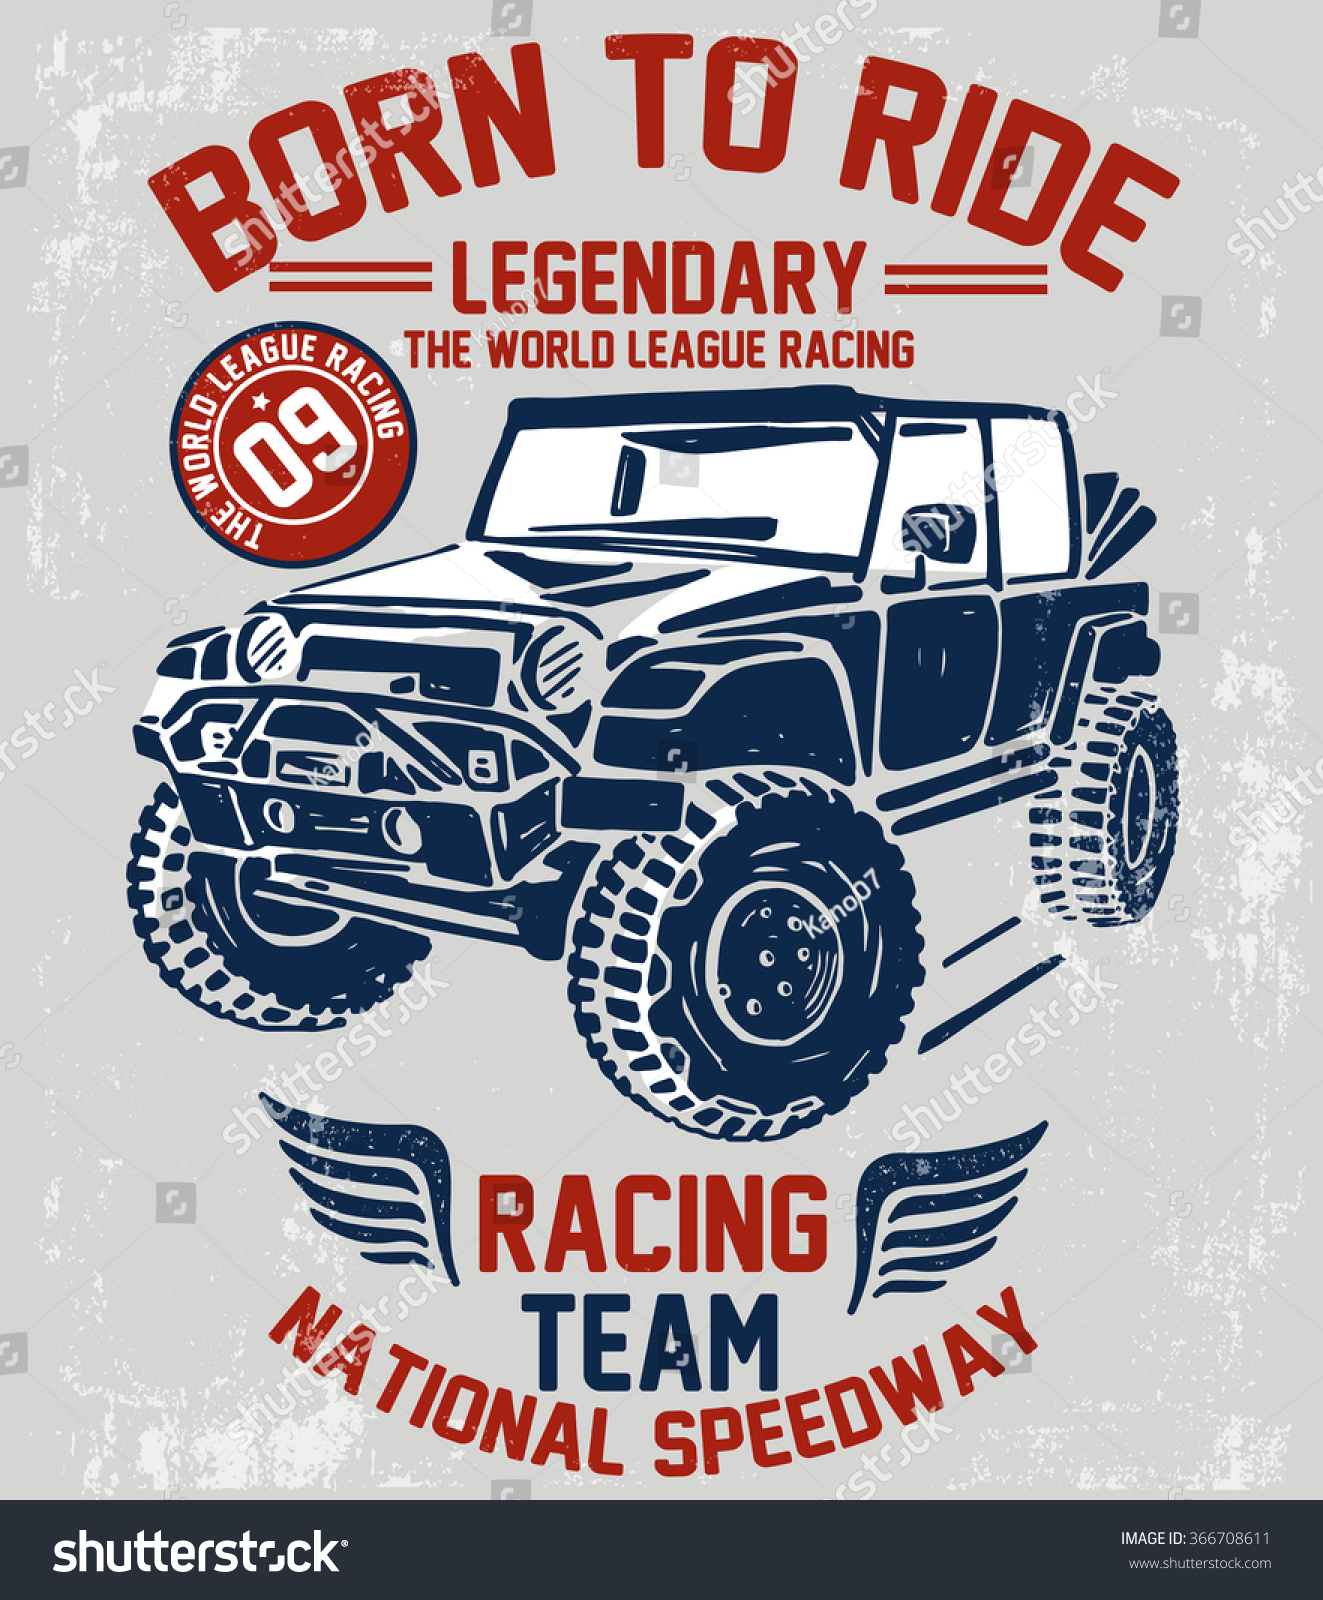 Vintage Race Car Stock Images RoyaltyFree Images